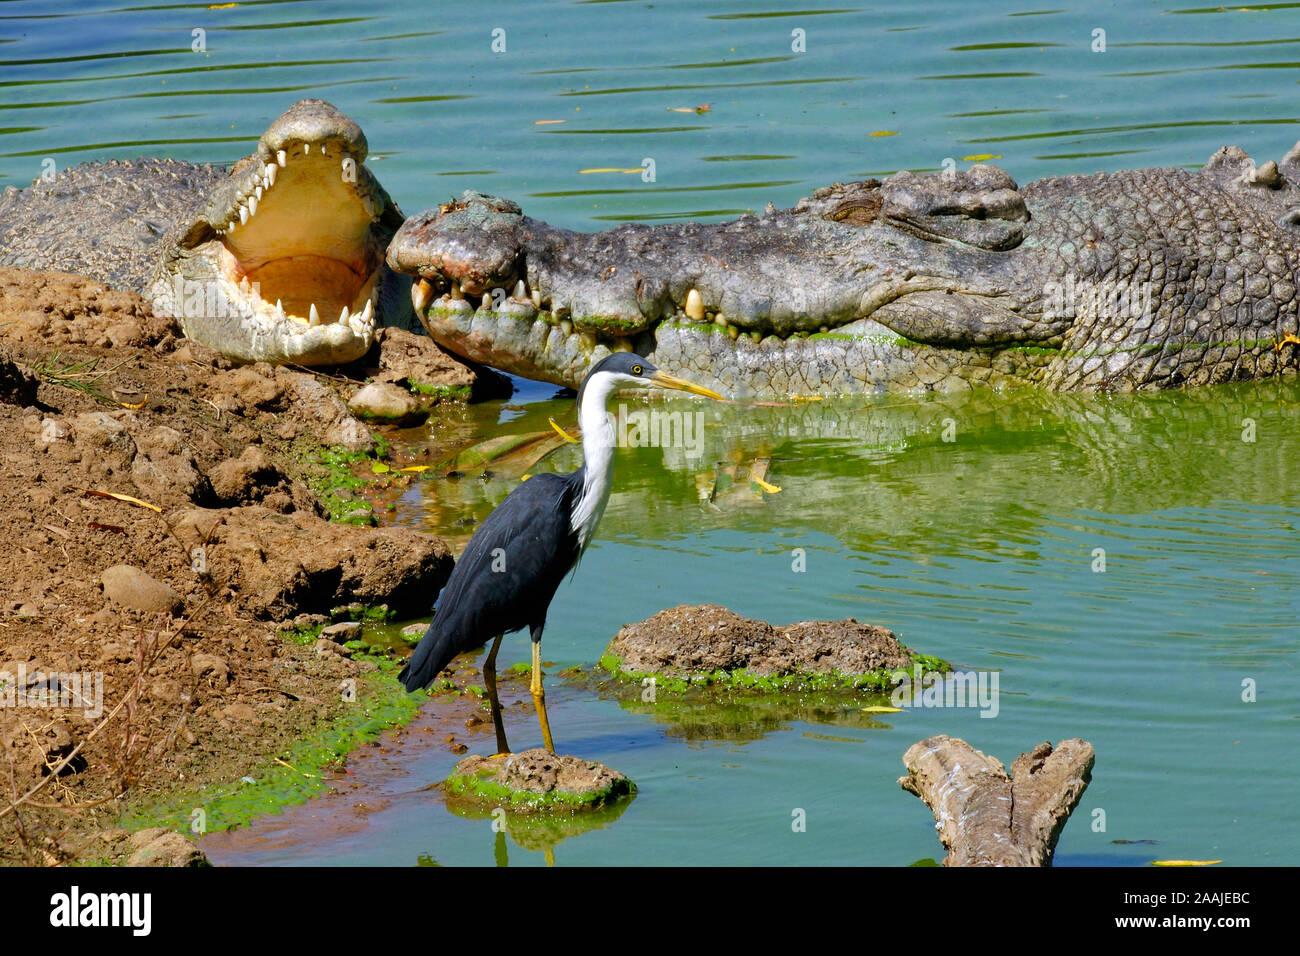 Elsterreiher, Reiher, Ardea Picata, und Leistenkrokodil, Salzwasserkrokodil, Crocodylus porosus, Kakadu NP, Nothern territorio, Australien Foto de stock